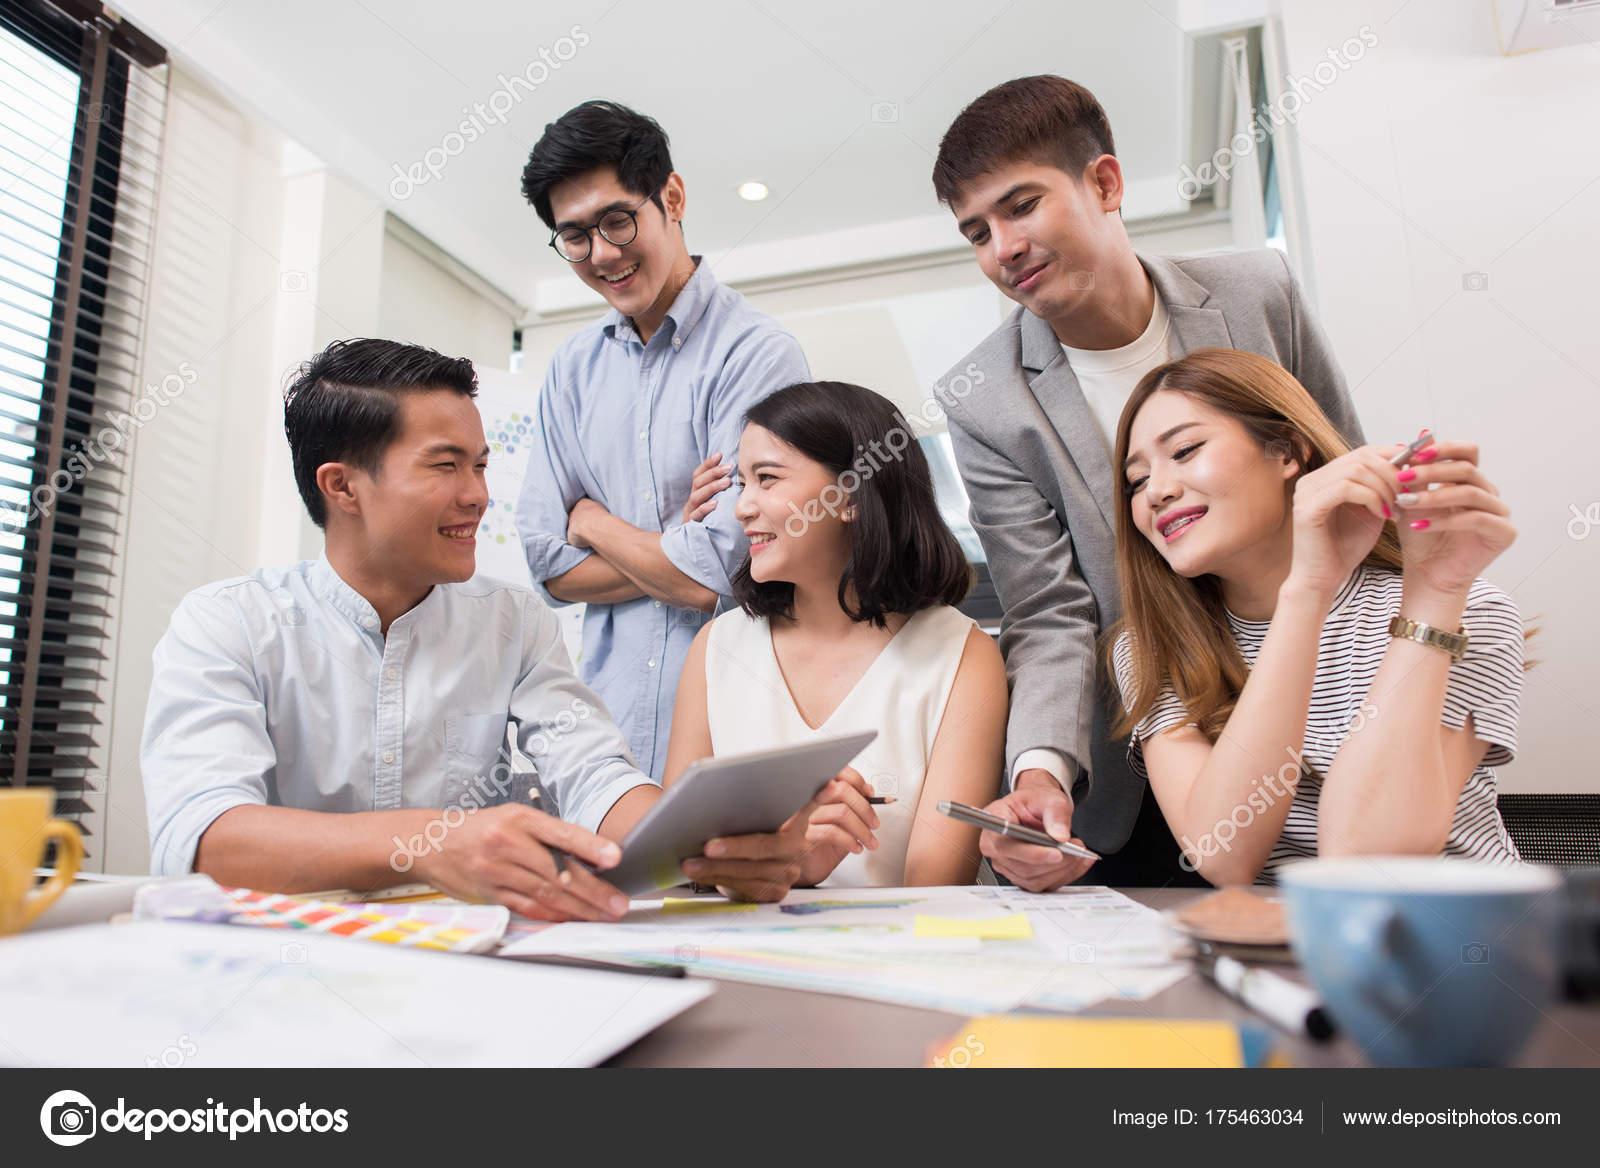 Junge Menschen Die Planen Start Upgroup Junge Männer Und Frauen